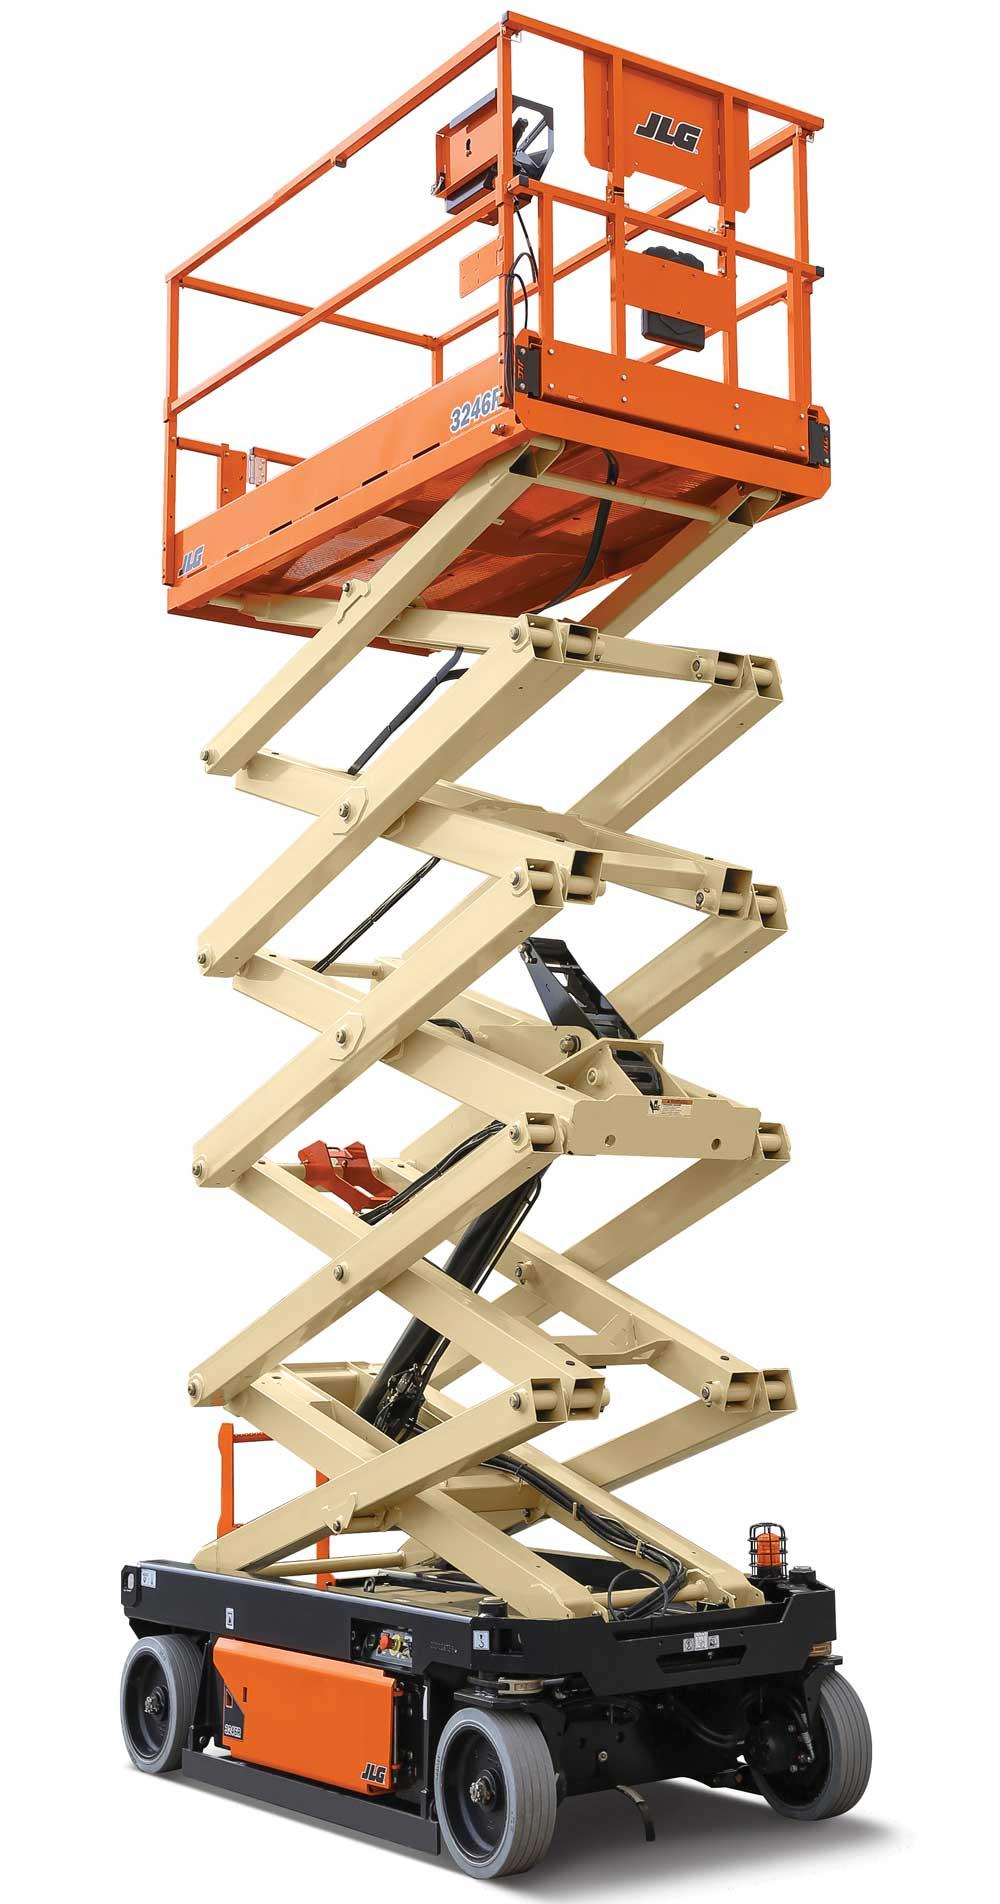 JLG 3246R scissor lift